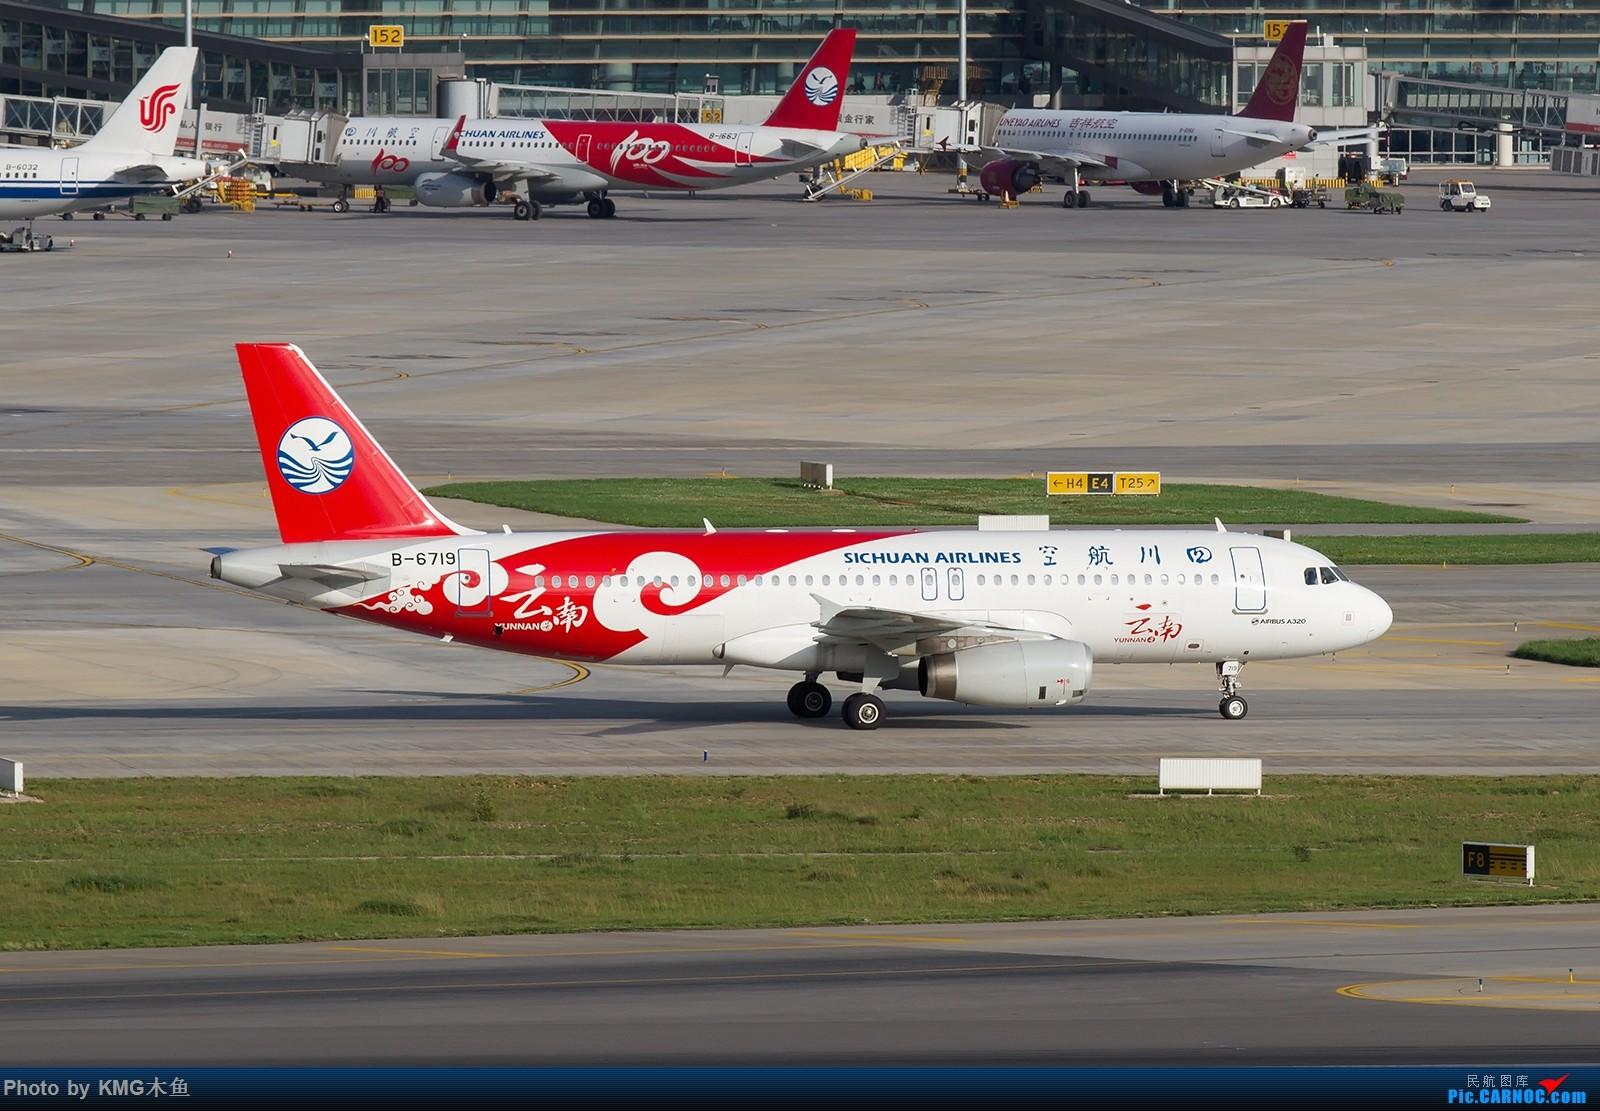 Re:[原创]【昆明长水国际机场】KMG木鱼尝试1600大图6张 AIRBUS A320-200 B-6719 中国昆明长水国际机场